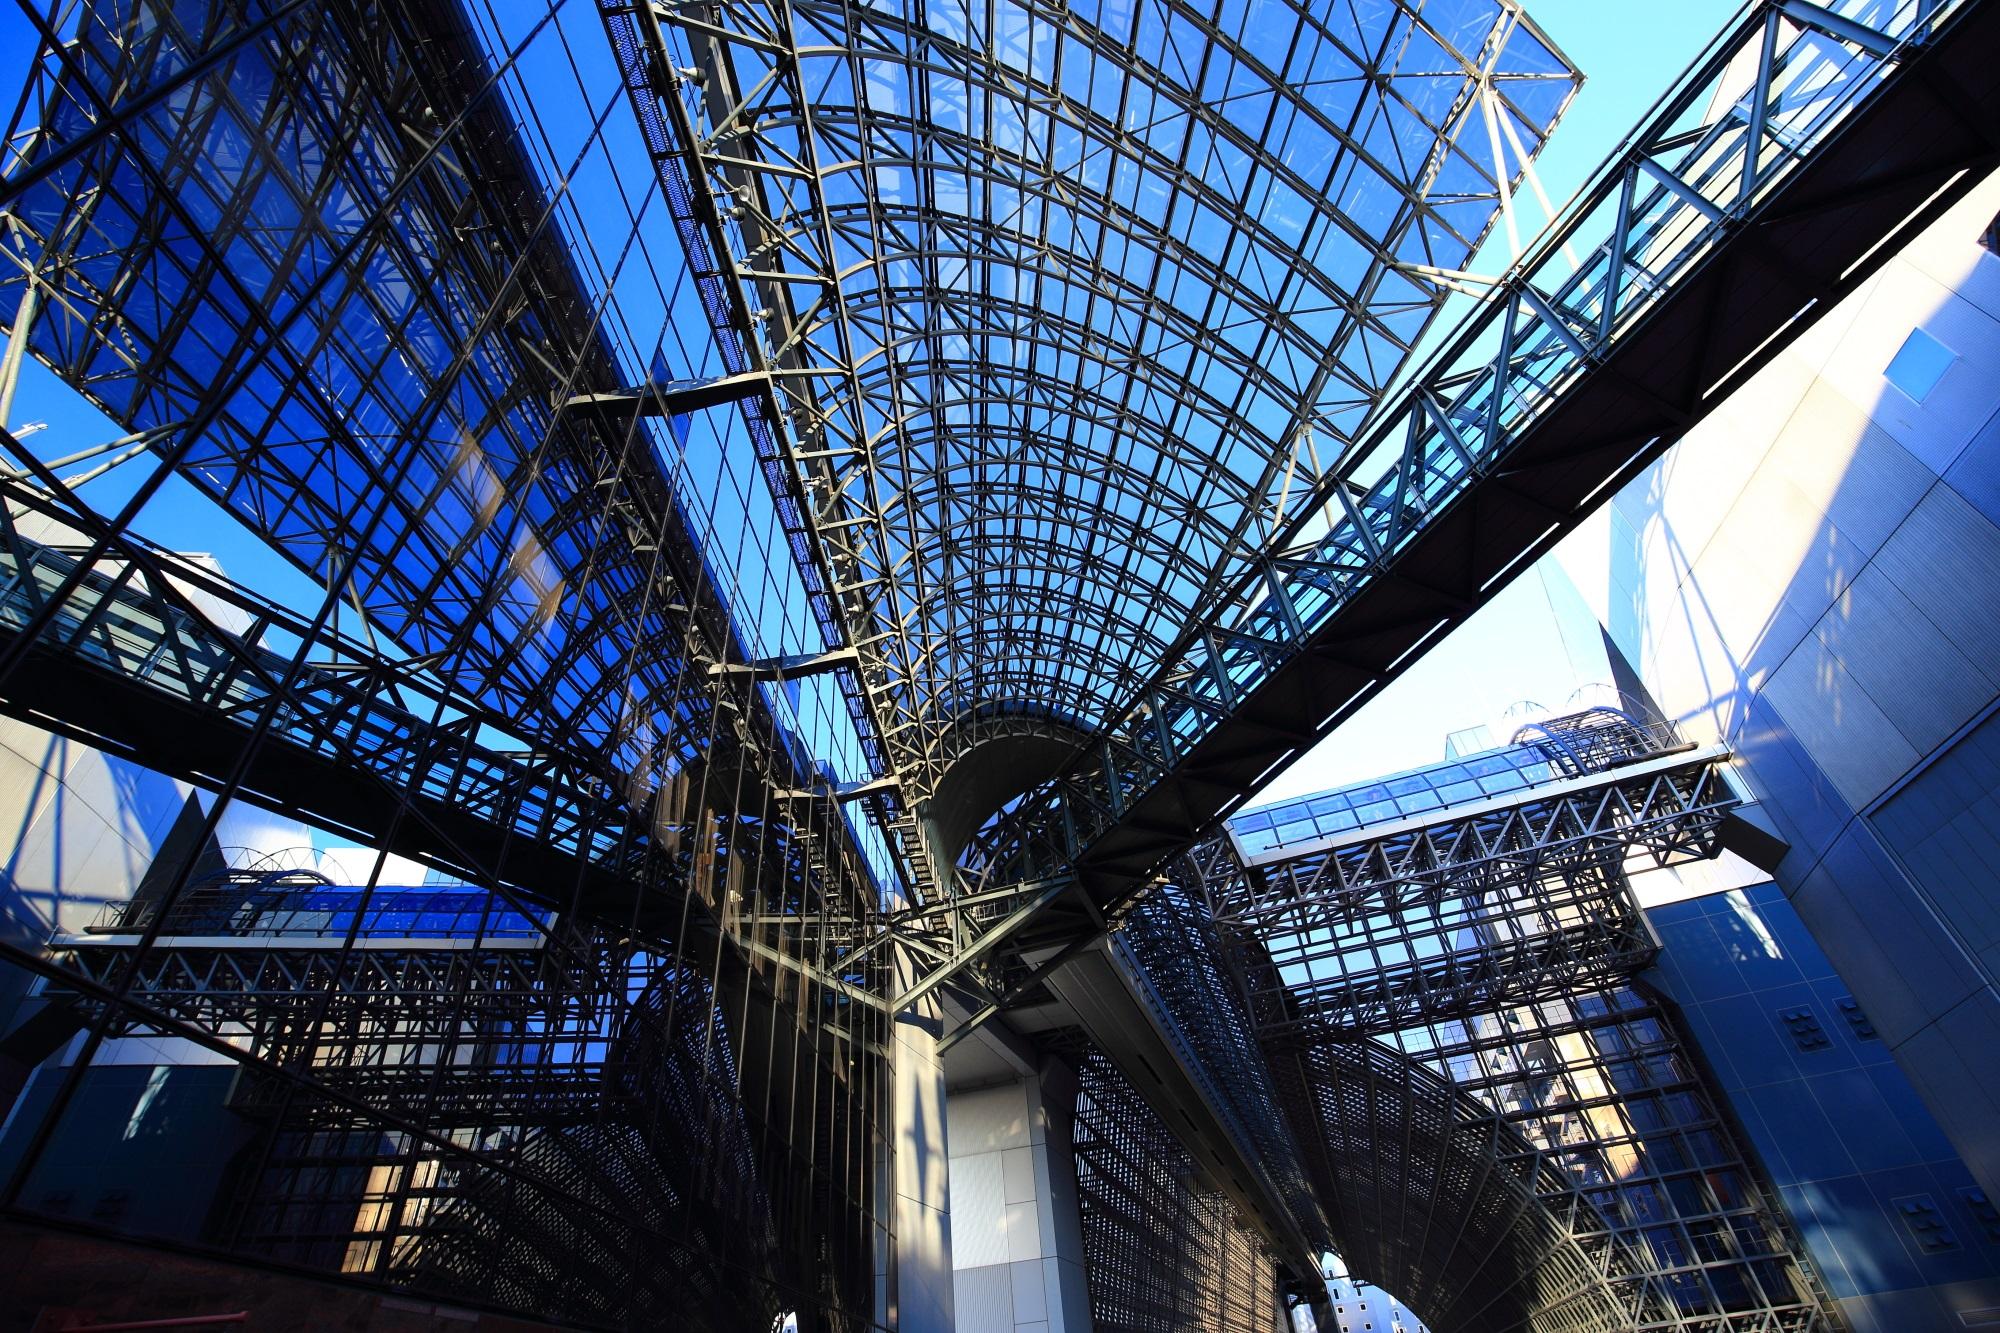 駅ビルのガラスと透きとおる青空